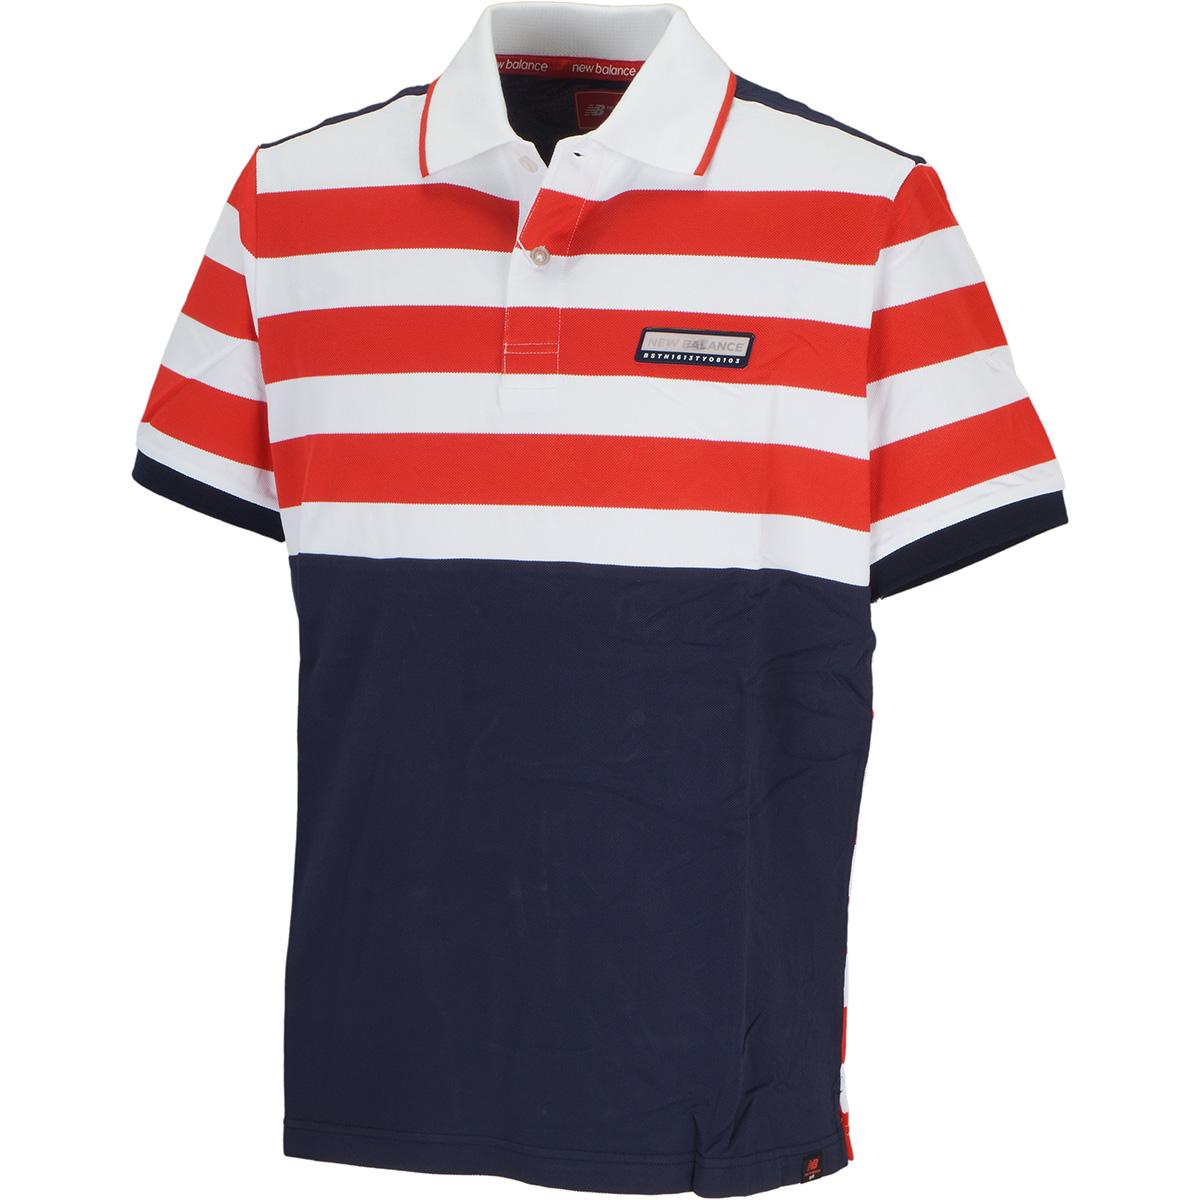 METRO ストレッチ 半袖ポロシャツ